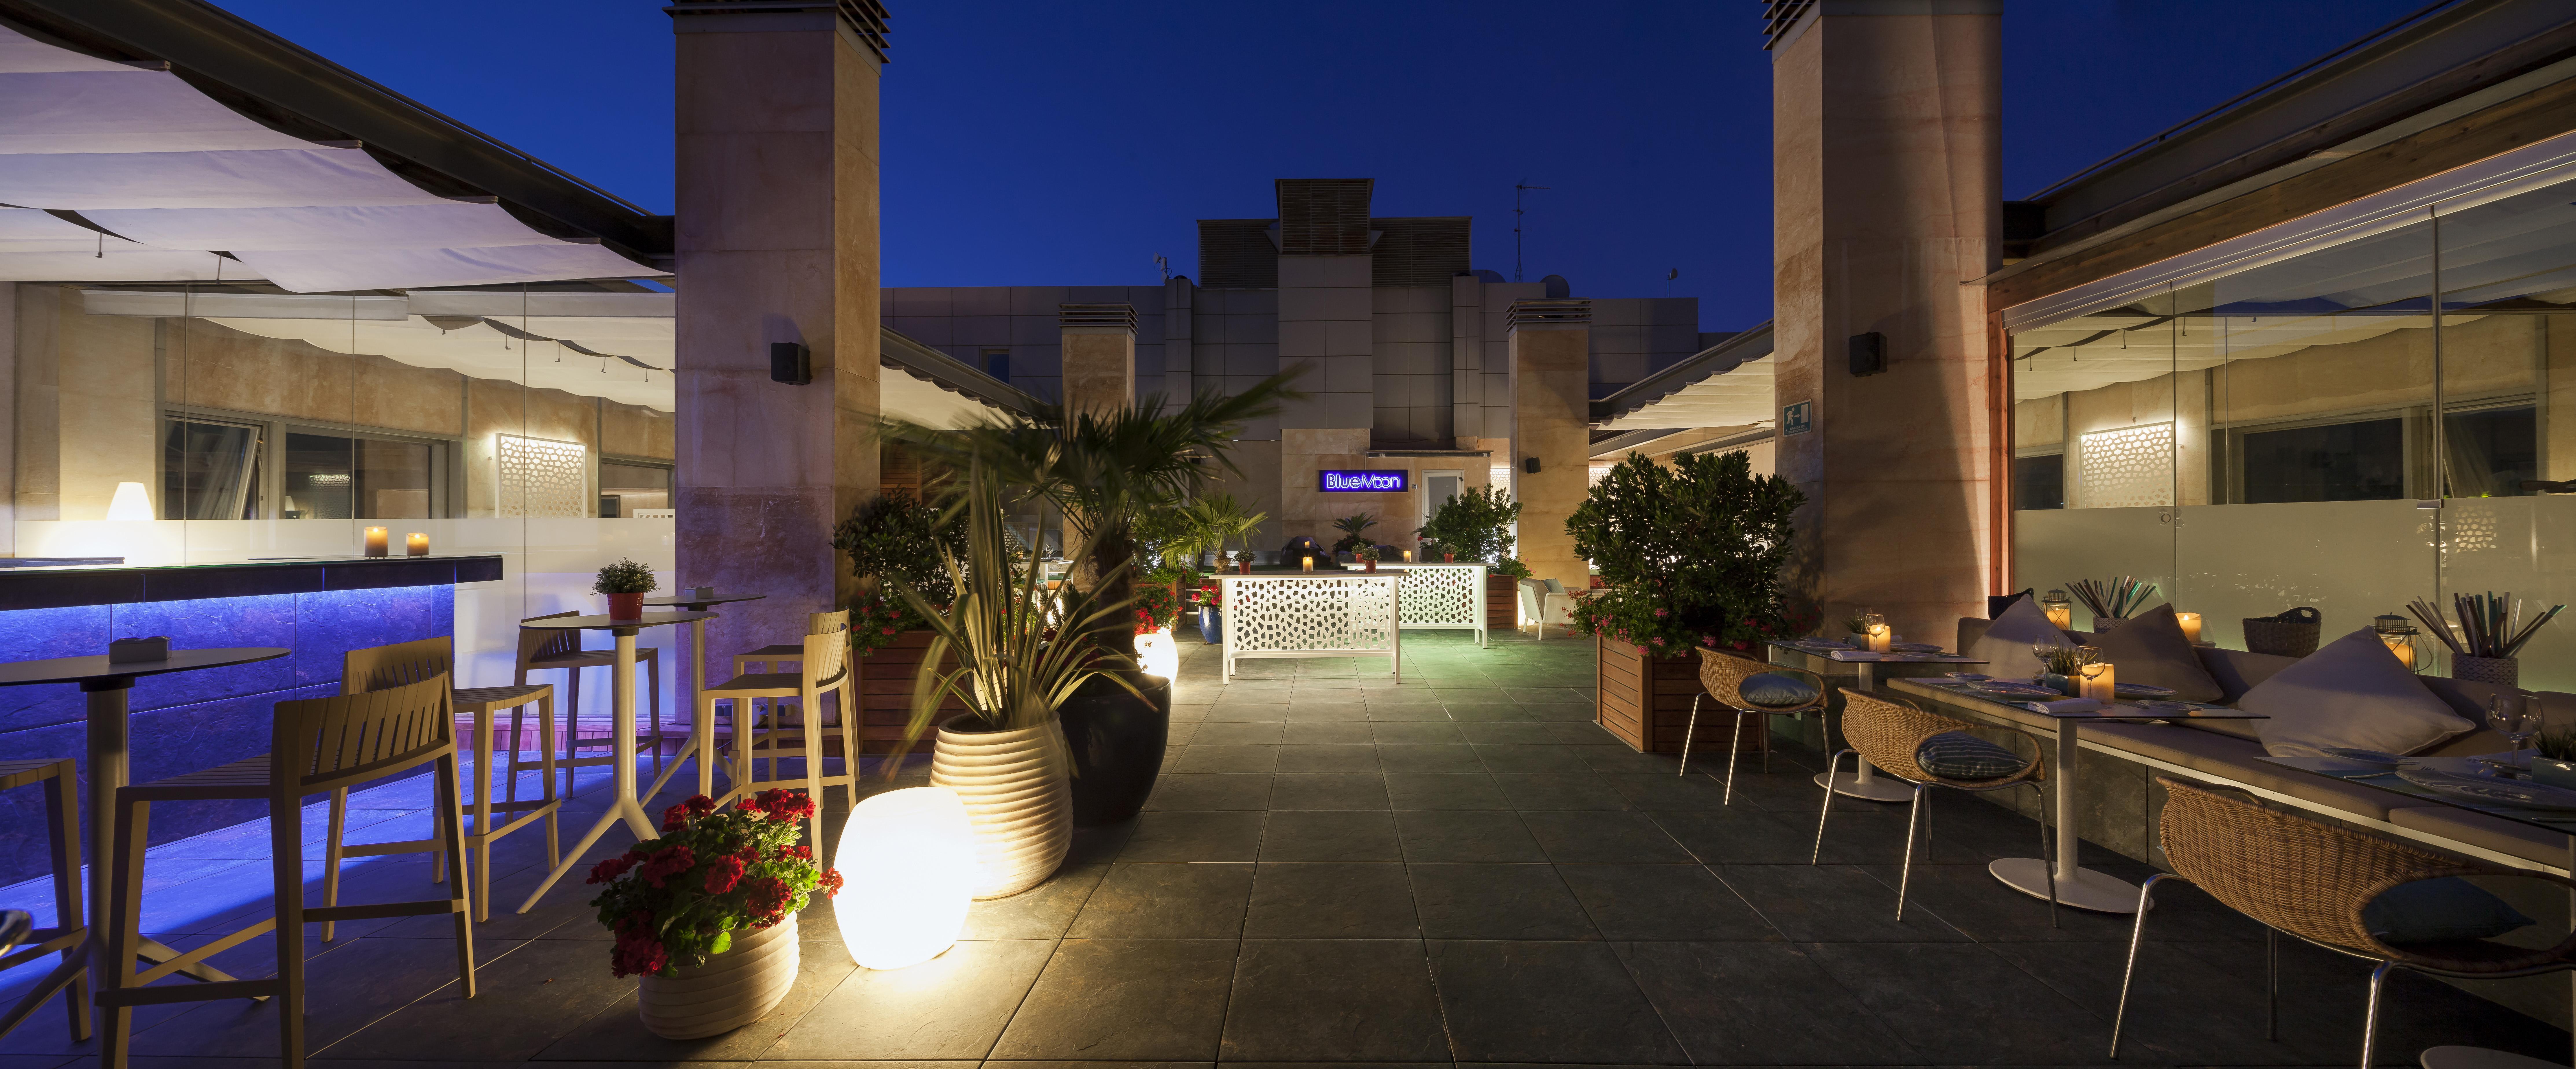 Temporada veraniega en Blue Moon, la terraza de Rafaelhoteles Madrid Norte